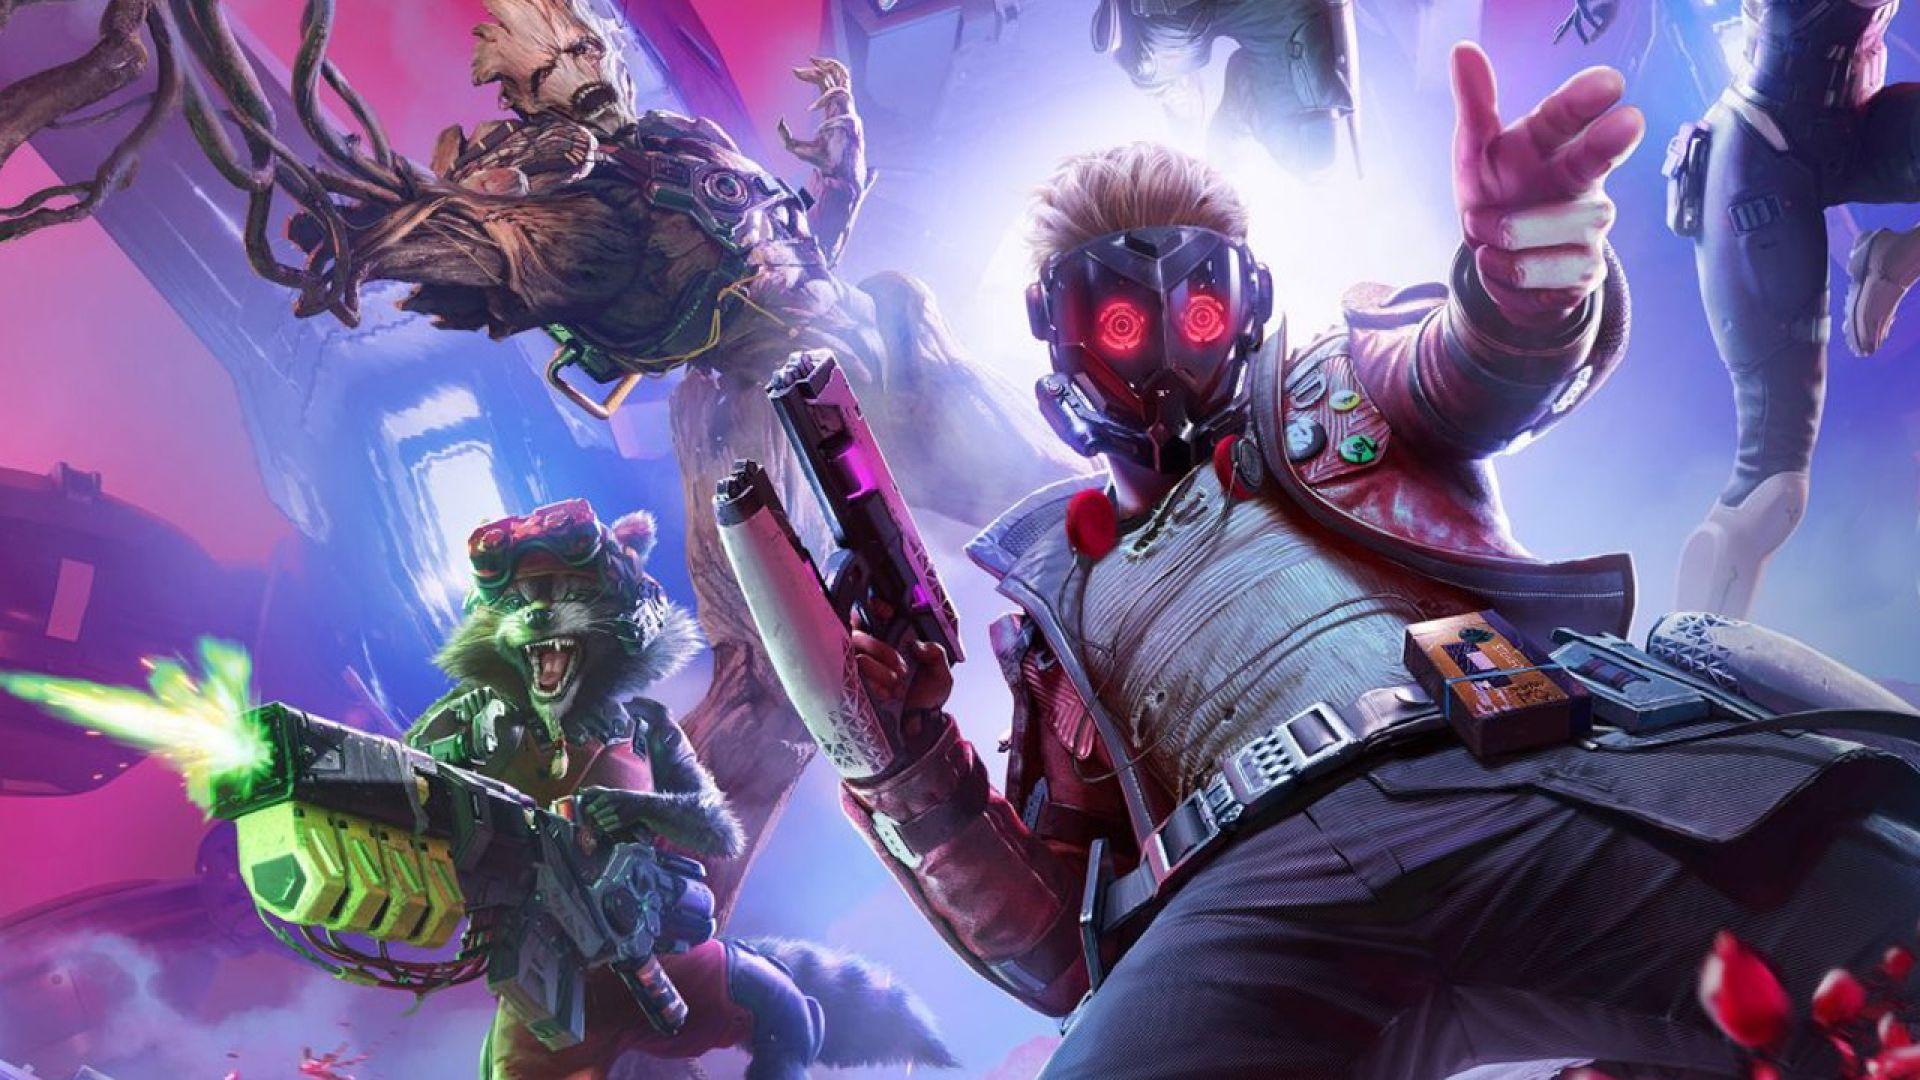 نمایشگاه E3 2021: از بازی Marvel's Guardians of the Galaxy رونمایی شد + تریلر